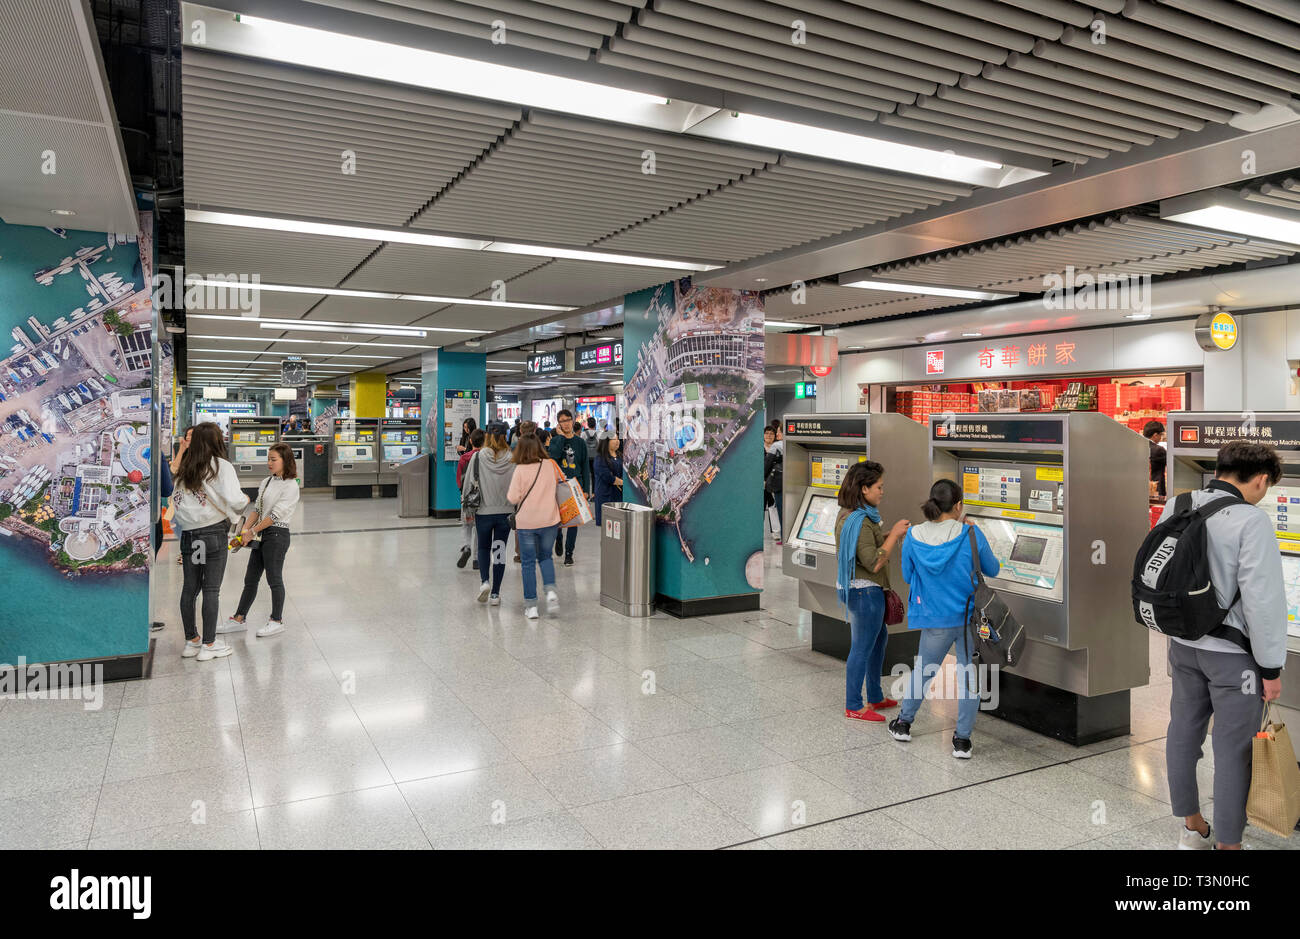 Tsim Sha Tsui MTR station, Kowloon, Hong Kong, China - Stock Image